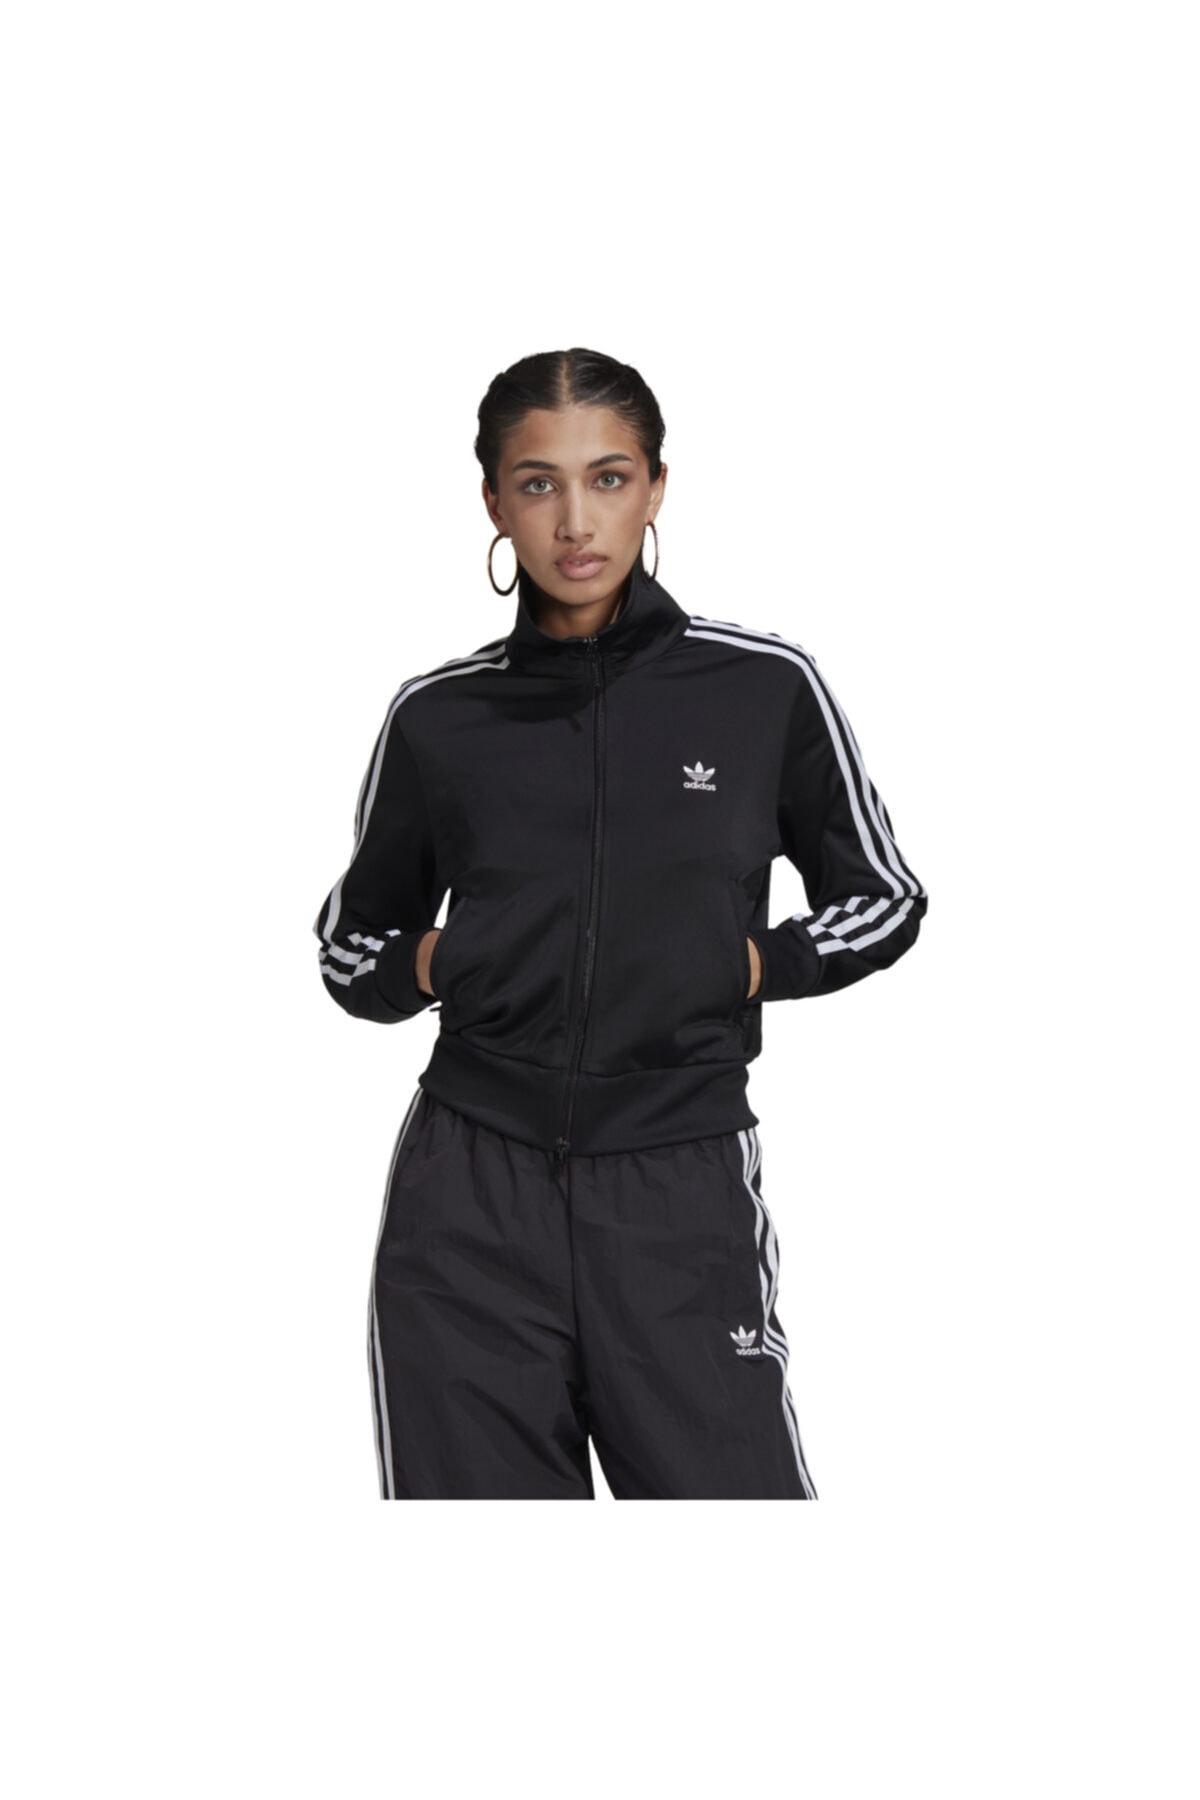 خرید انلاین گرمکن ورزشی زنانه ترکیه برند آدیداس رنگ مشکی کد ty91856669